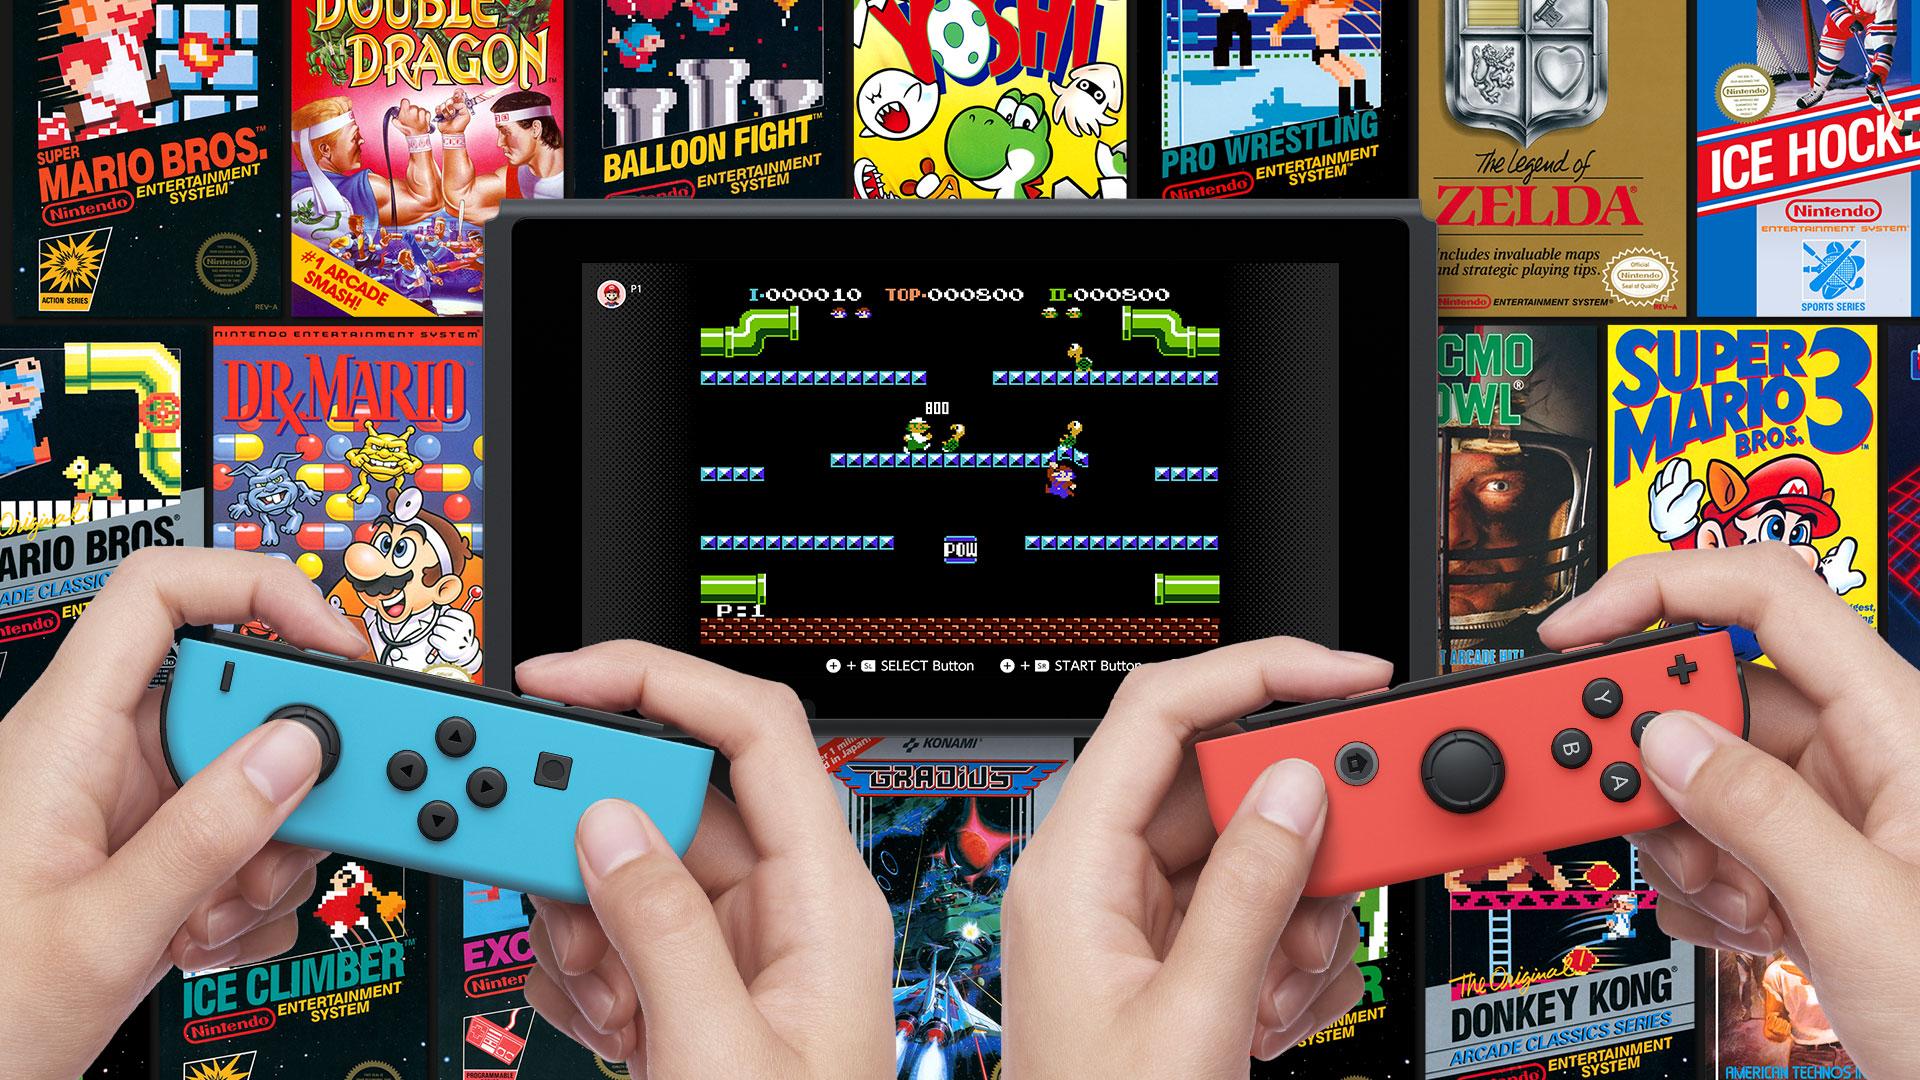 """Negativ: Mit Nintendos neuem Online-Service wird der Internet-Multiplayer kostenpflichtig. Positiv: Als Ausgleich verwöhnt der Hersteller Retro-Freunde mit 8-Bit-Hits vom """"Nintendo Entertainment System""""."""